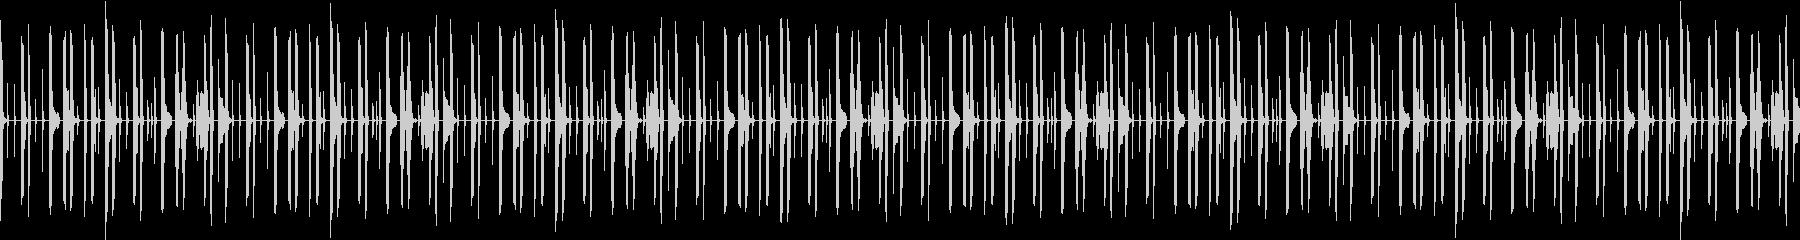 ドラムのみドライな打ち込みリズムループの未再生の波形